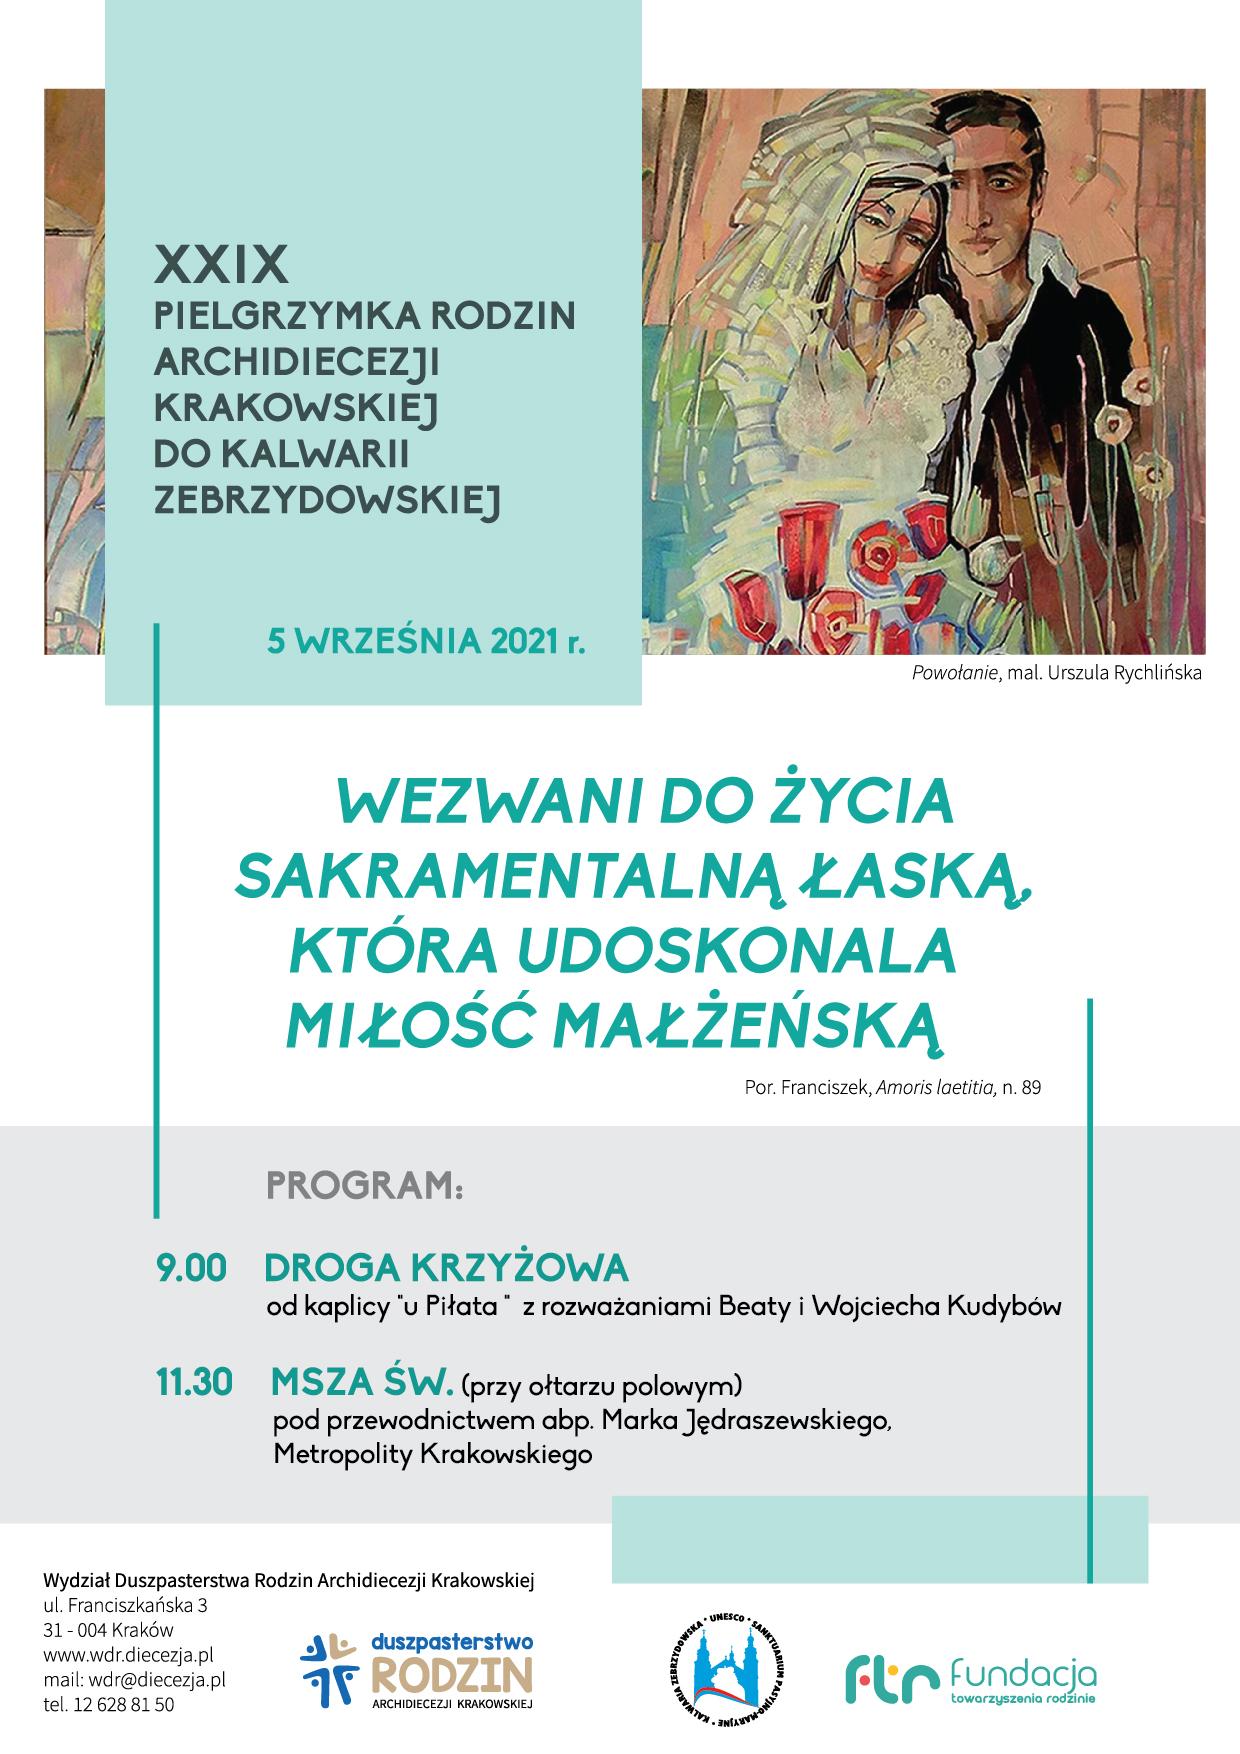 XXIX Pielgrzymka Rodzin Archidiecezji Krakowskiej do Kalwarii Zebrzydowskiej